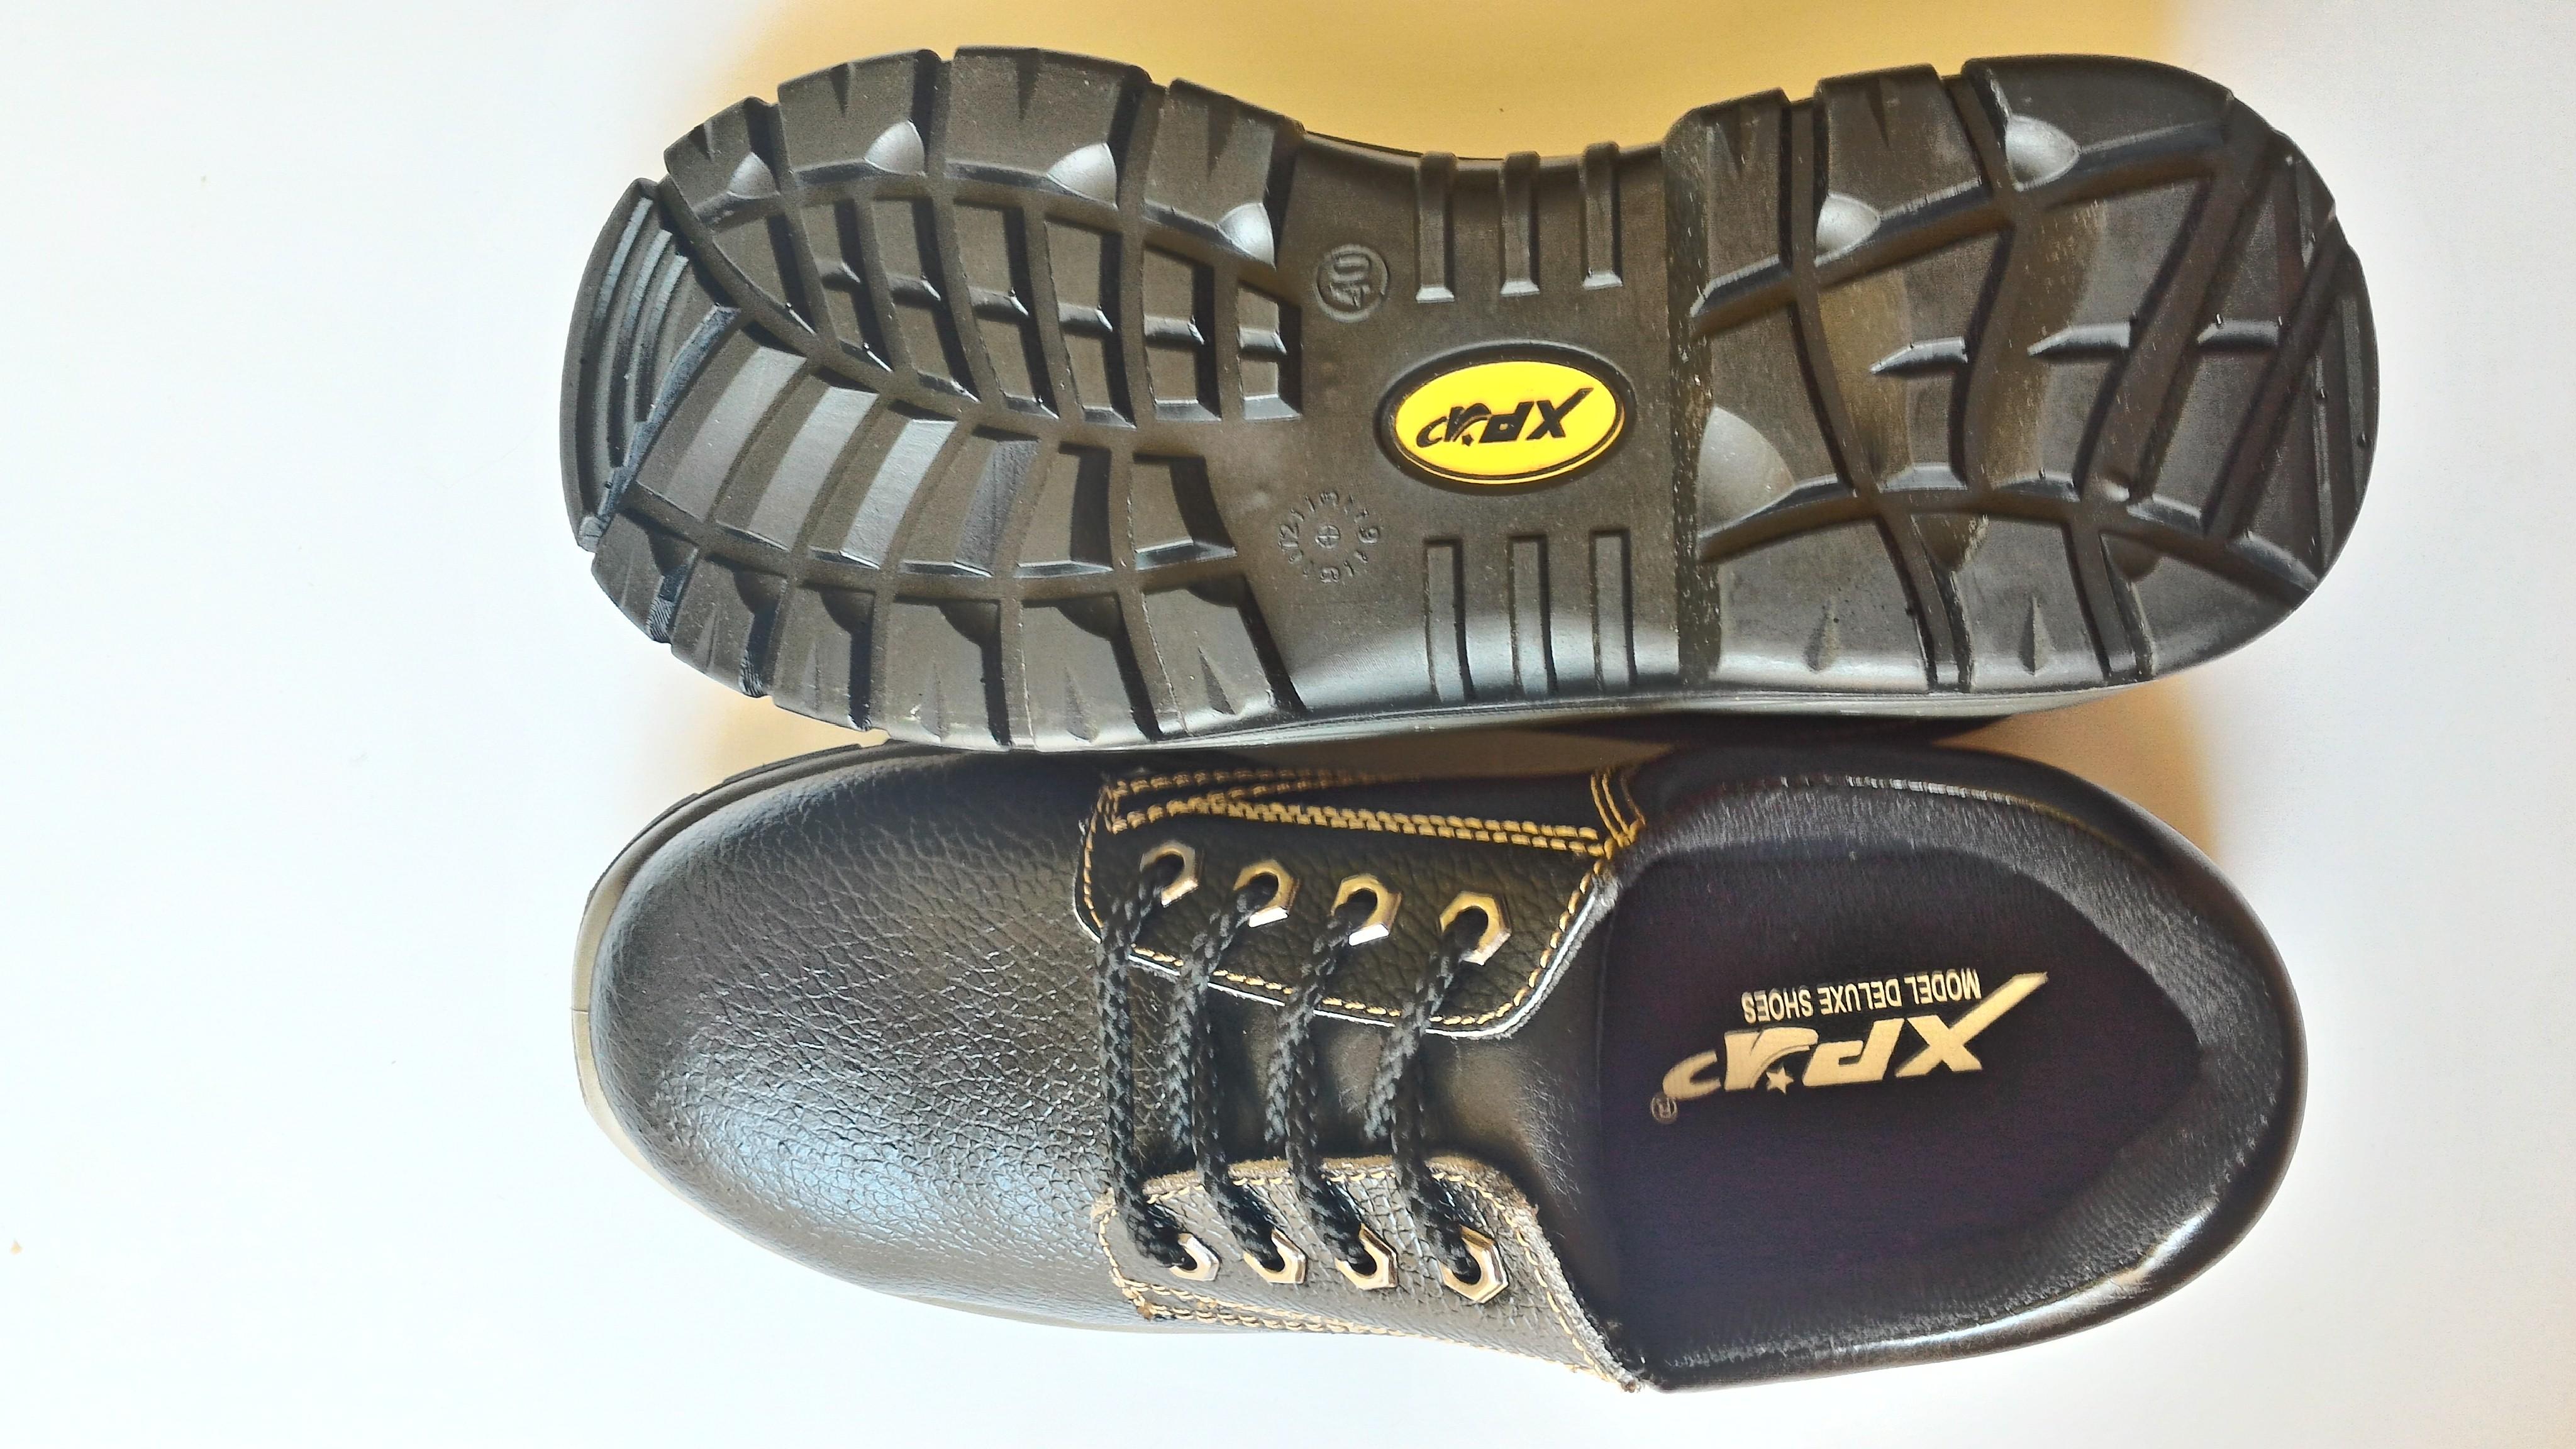 Đại lý cấp #1 giày bảo hộ lao động Thành Phát tại Hồ Chí Minh - Giày bảo hộ lao động XP, ABC tại HCM